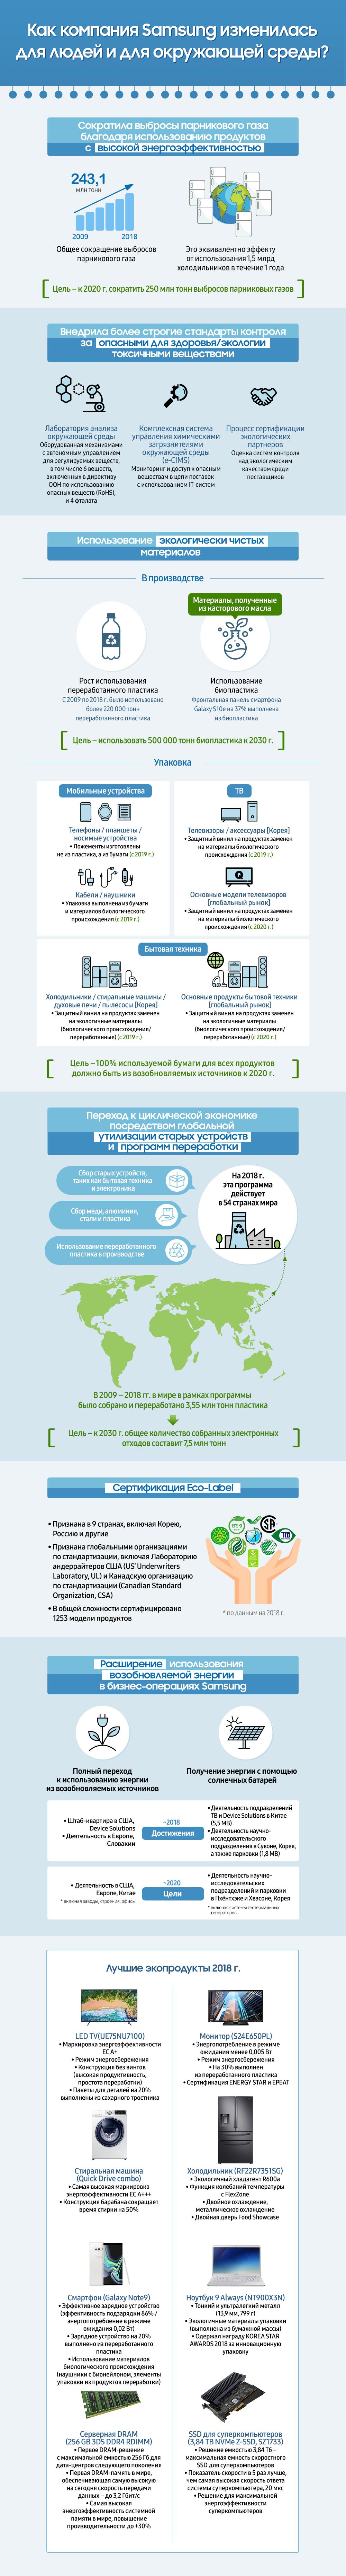 Глобальные экологические инициативы Samsung